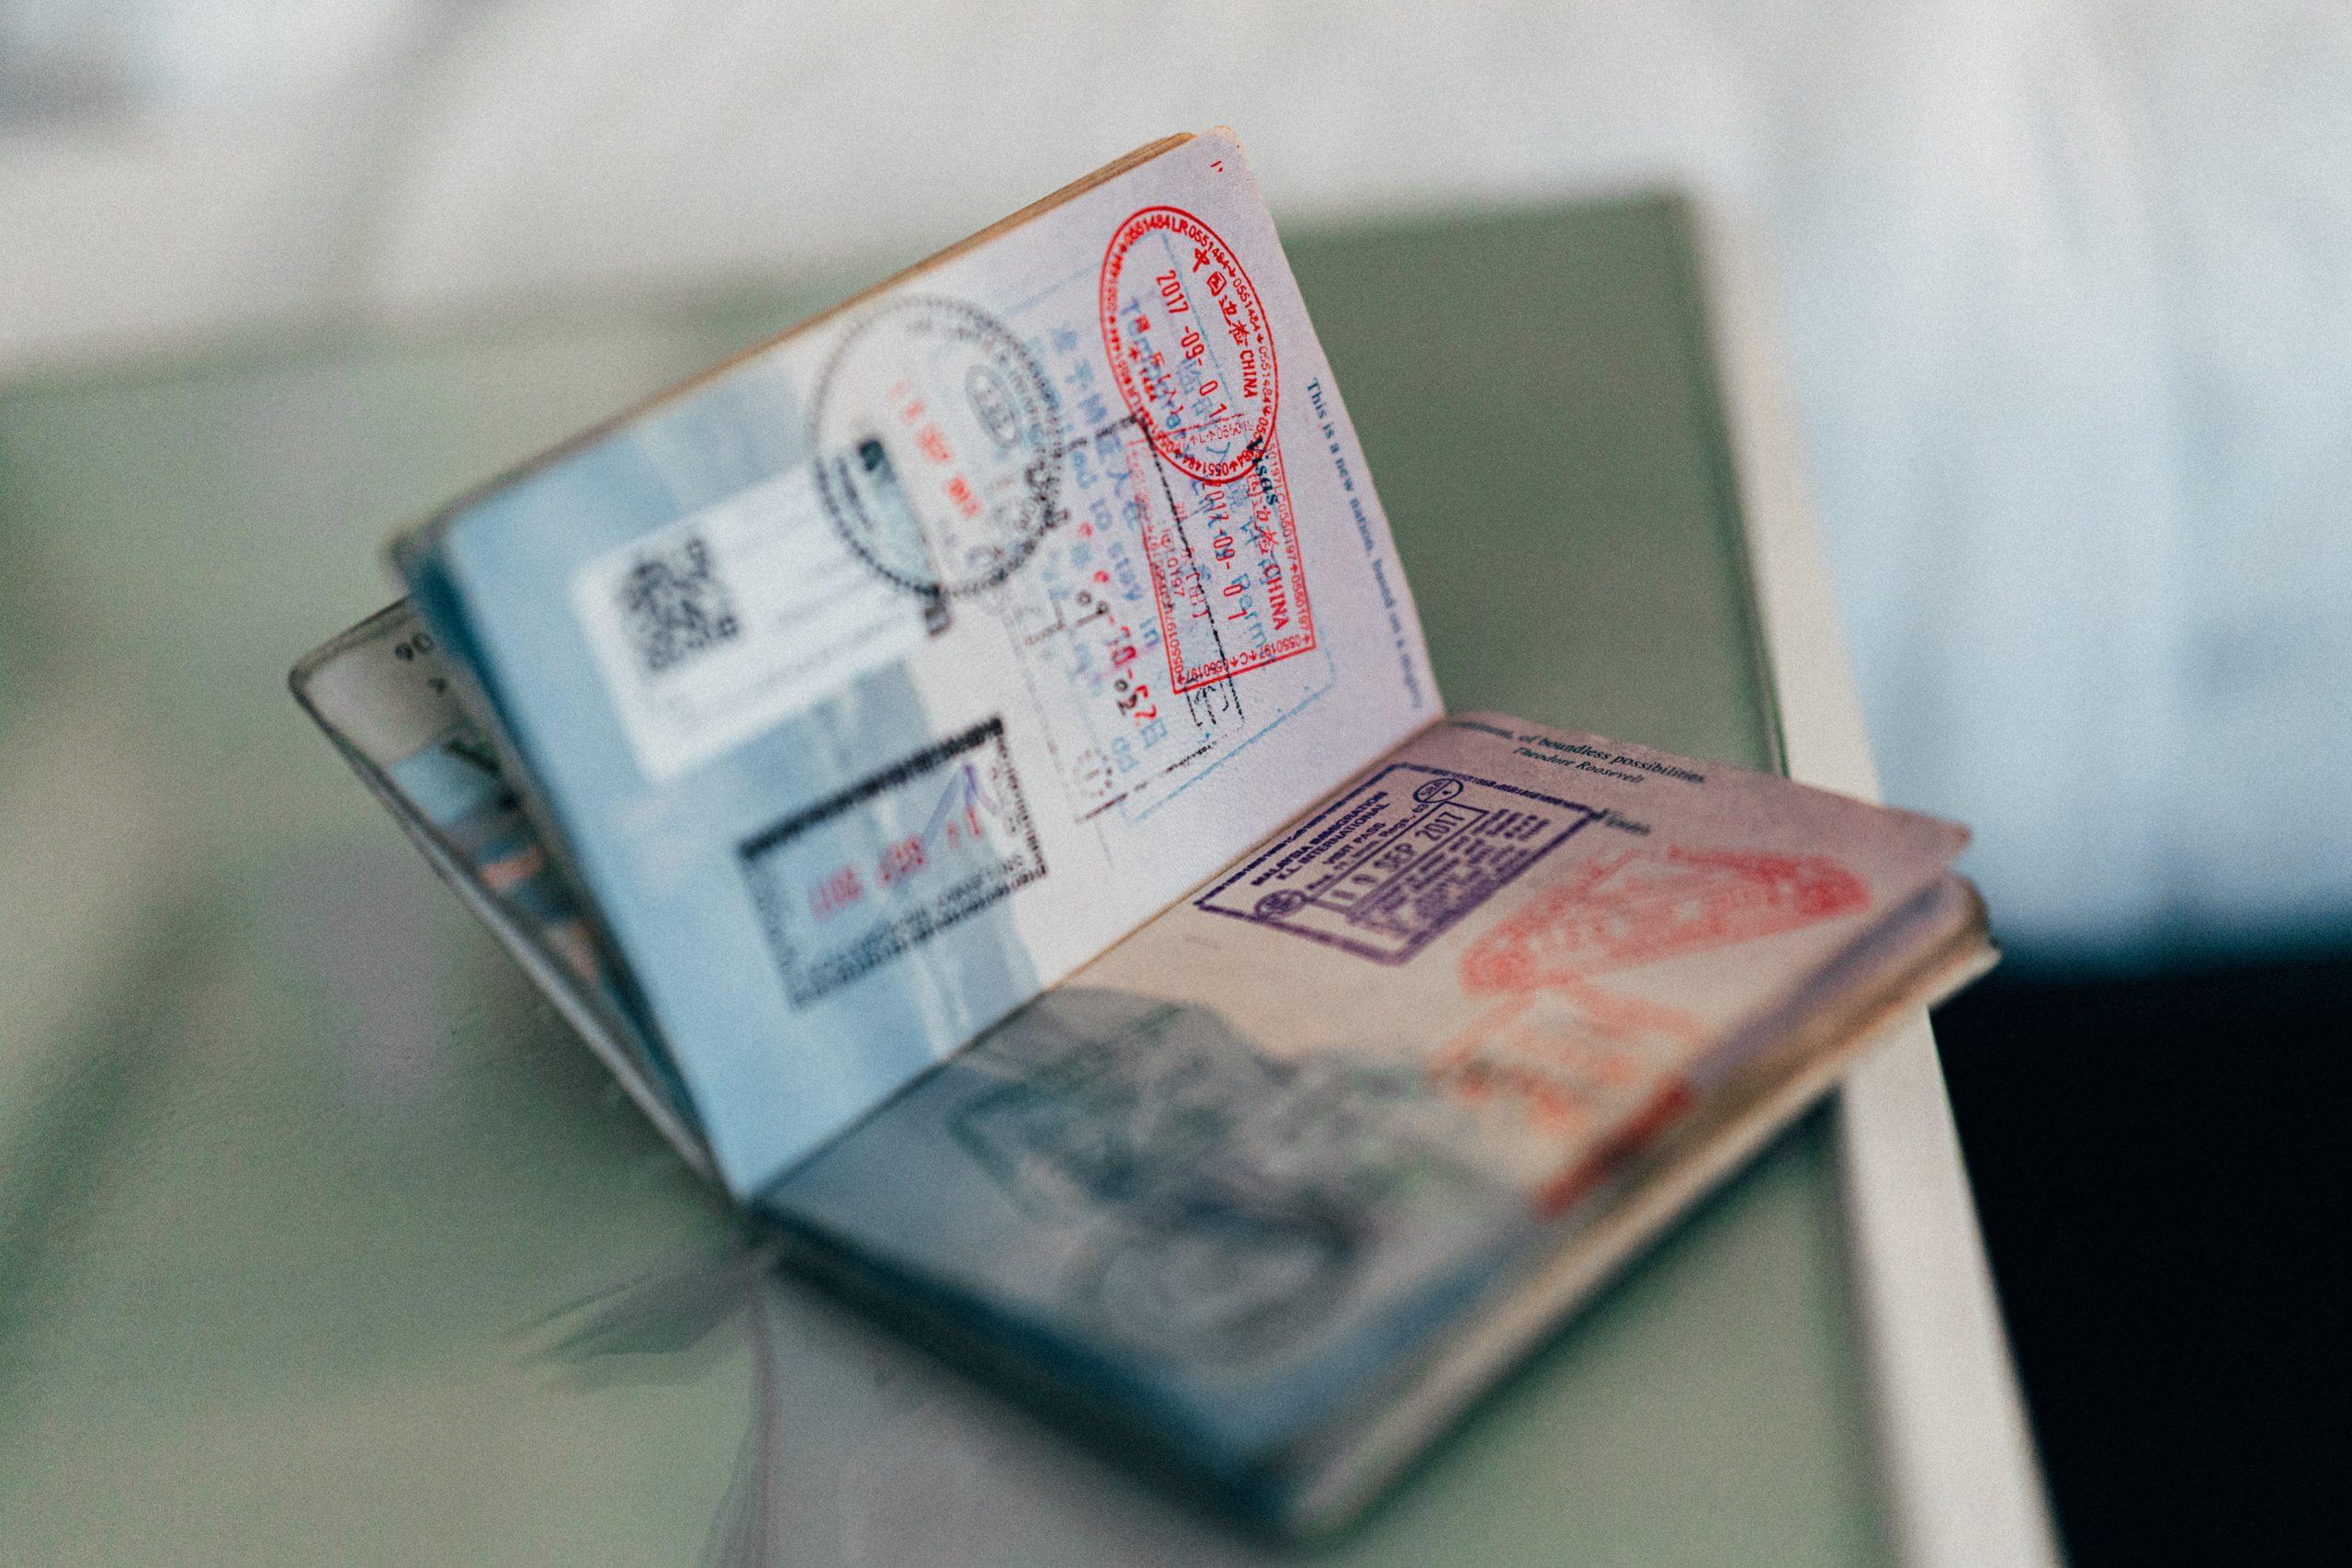 Autorisation de voyage électronique: comment s'en procurer une? 1